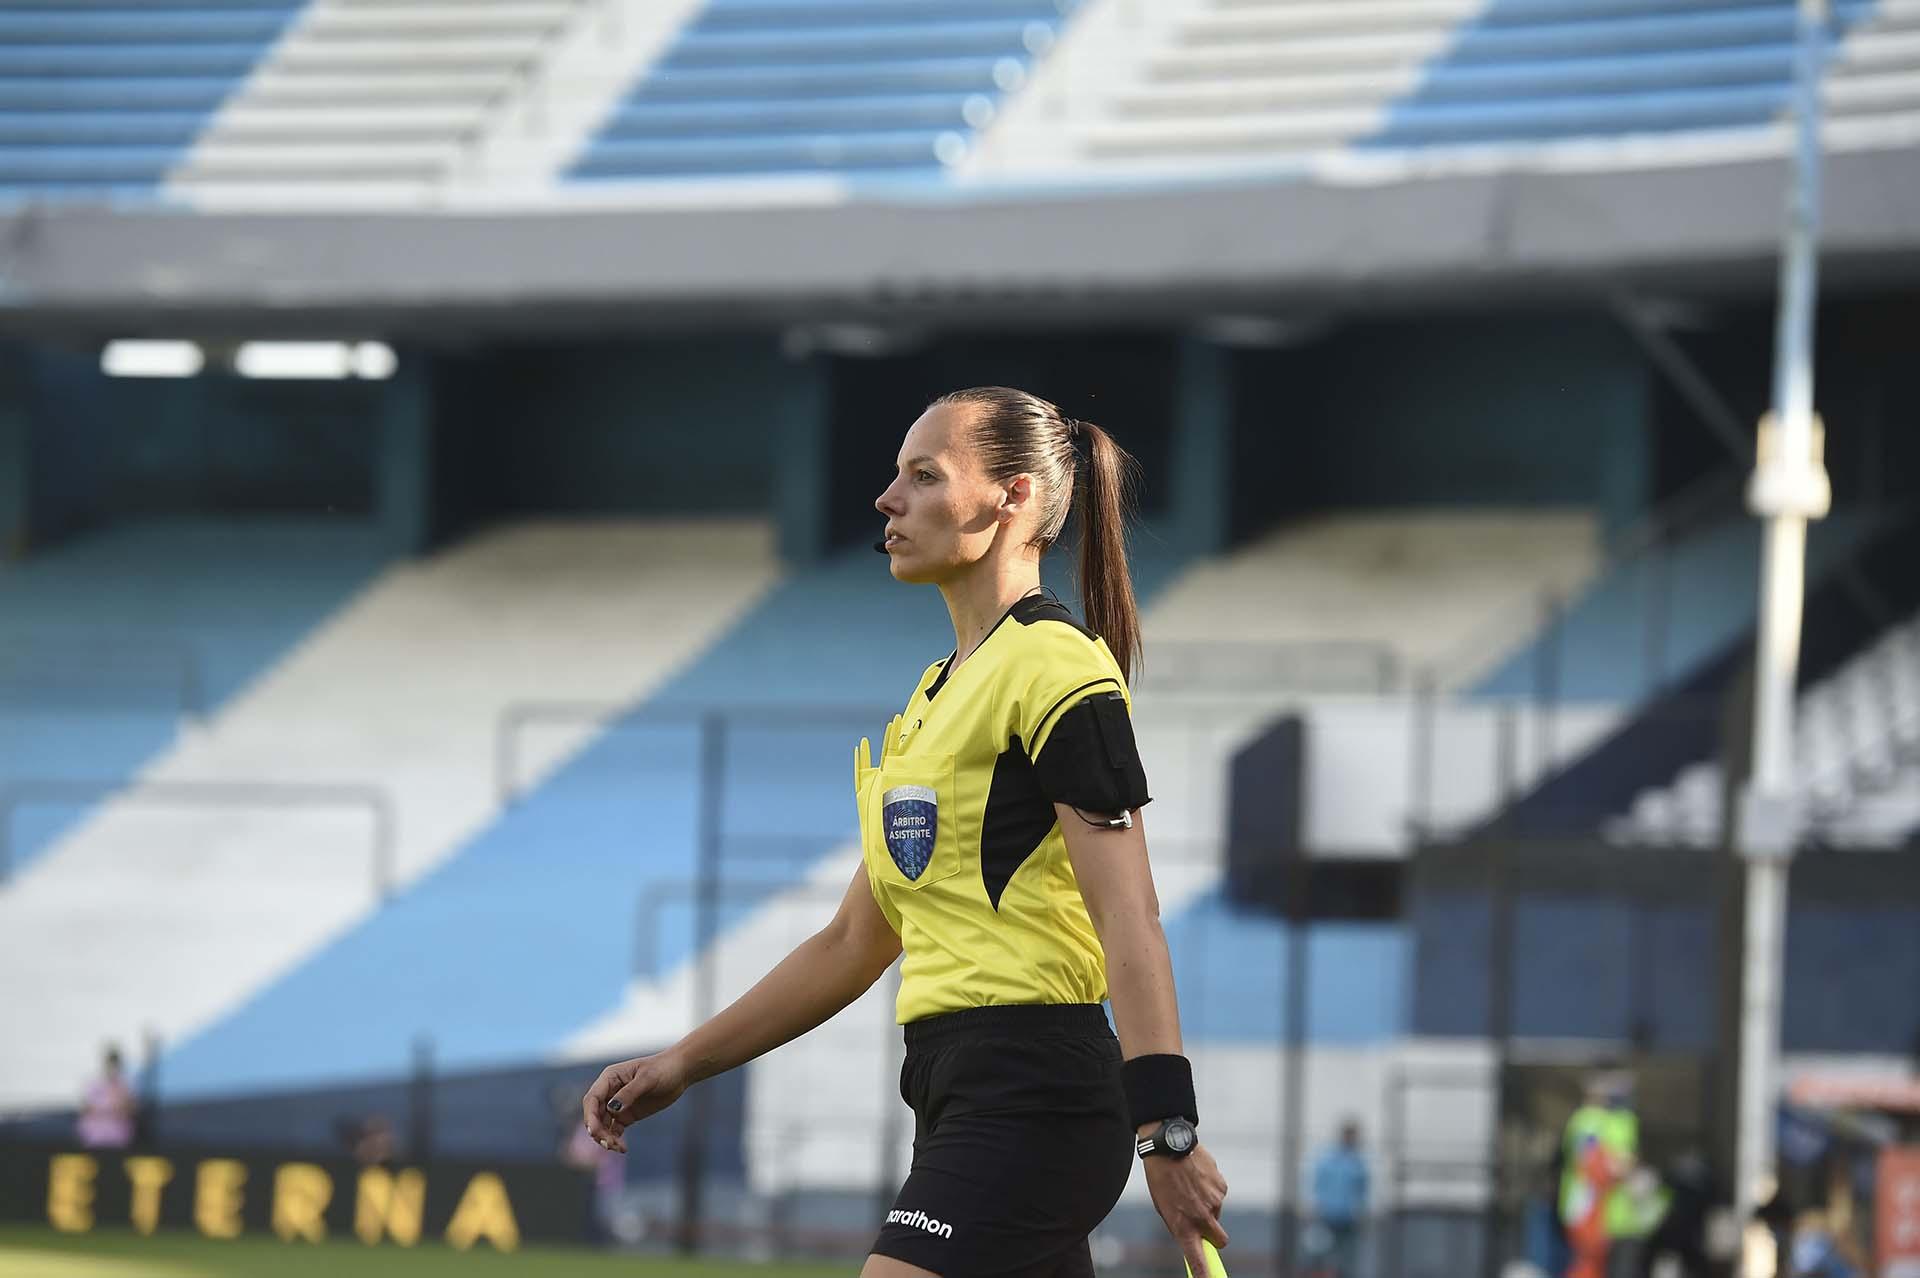 Histórico: Mariana de Almeida se convirtió en la primera mujer asistente en dirigir un parido de Copa Libertadores masculina (Marcelo Endelli / POOL / AFP)